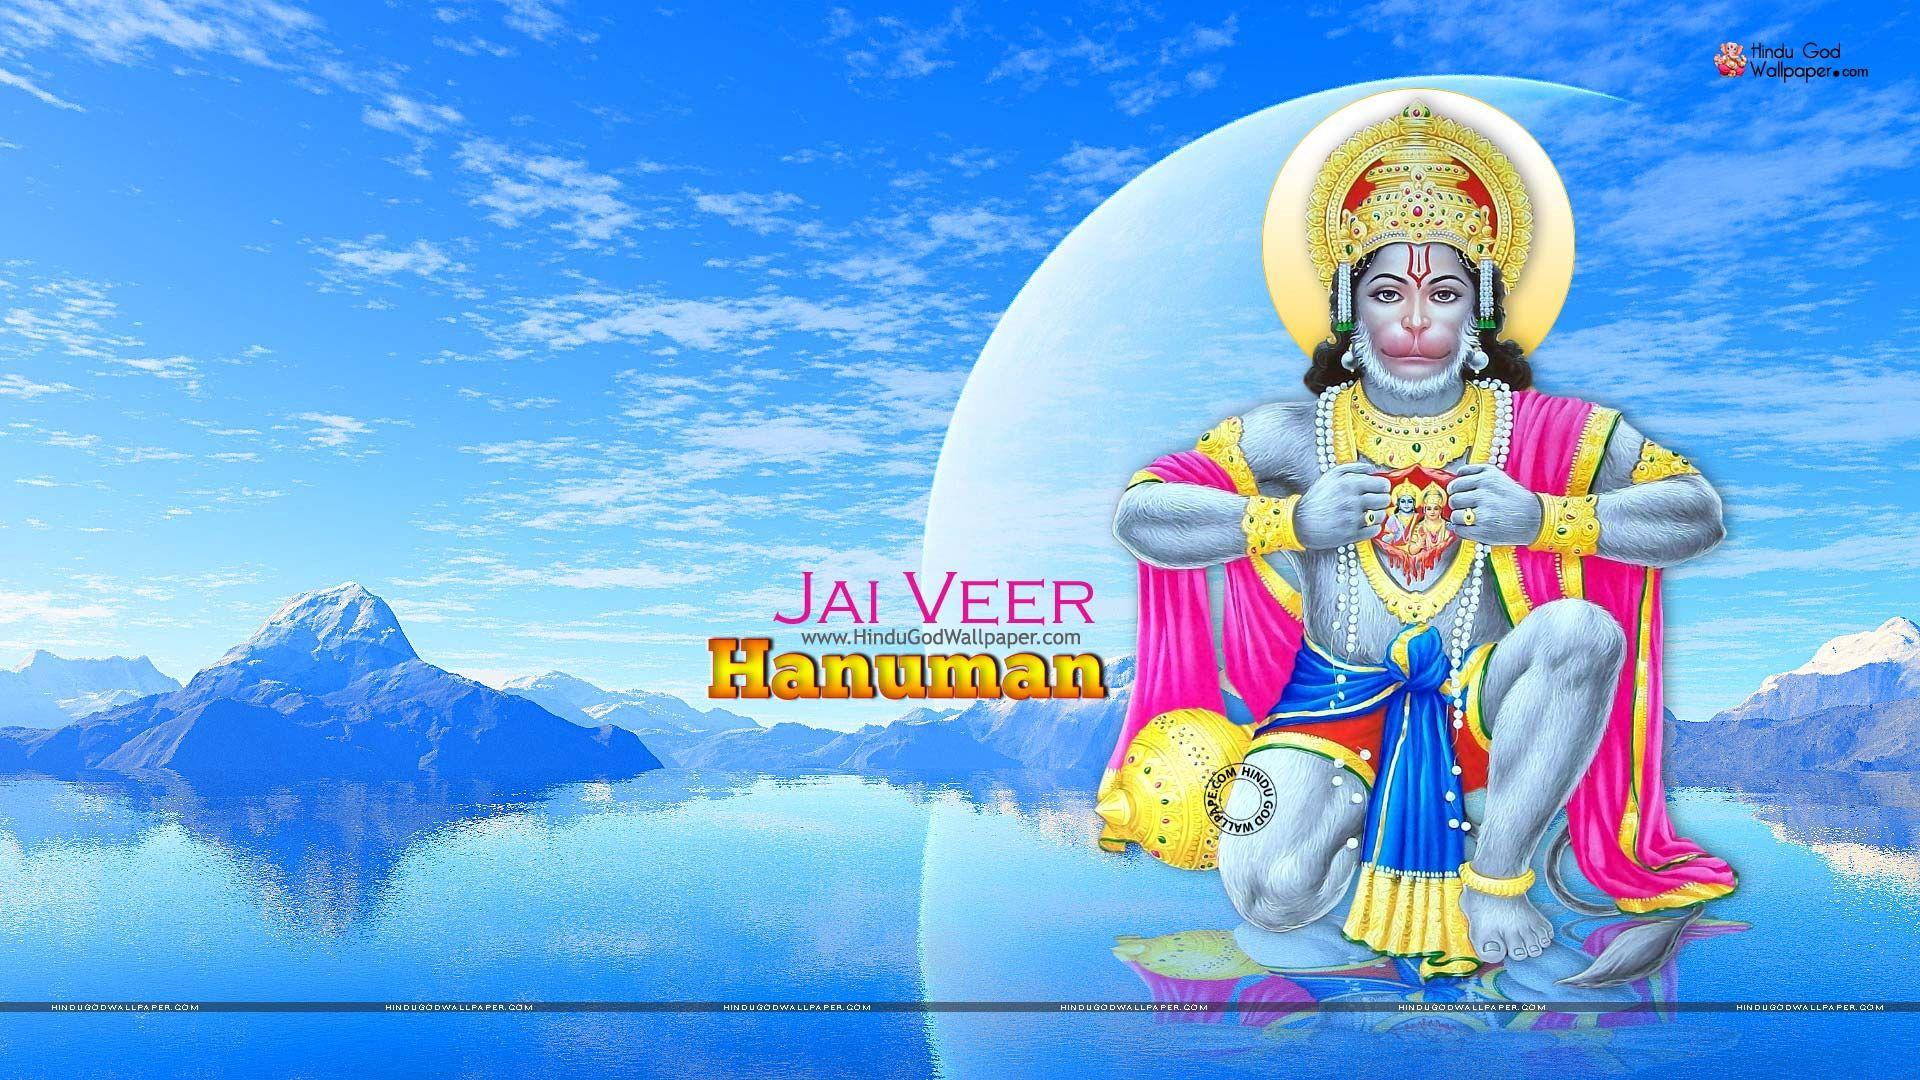 Veer Hanuman HD Wallpaper Full Size 1080p Download | god hanuman in